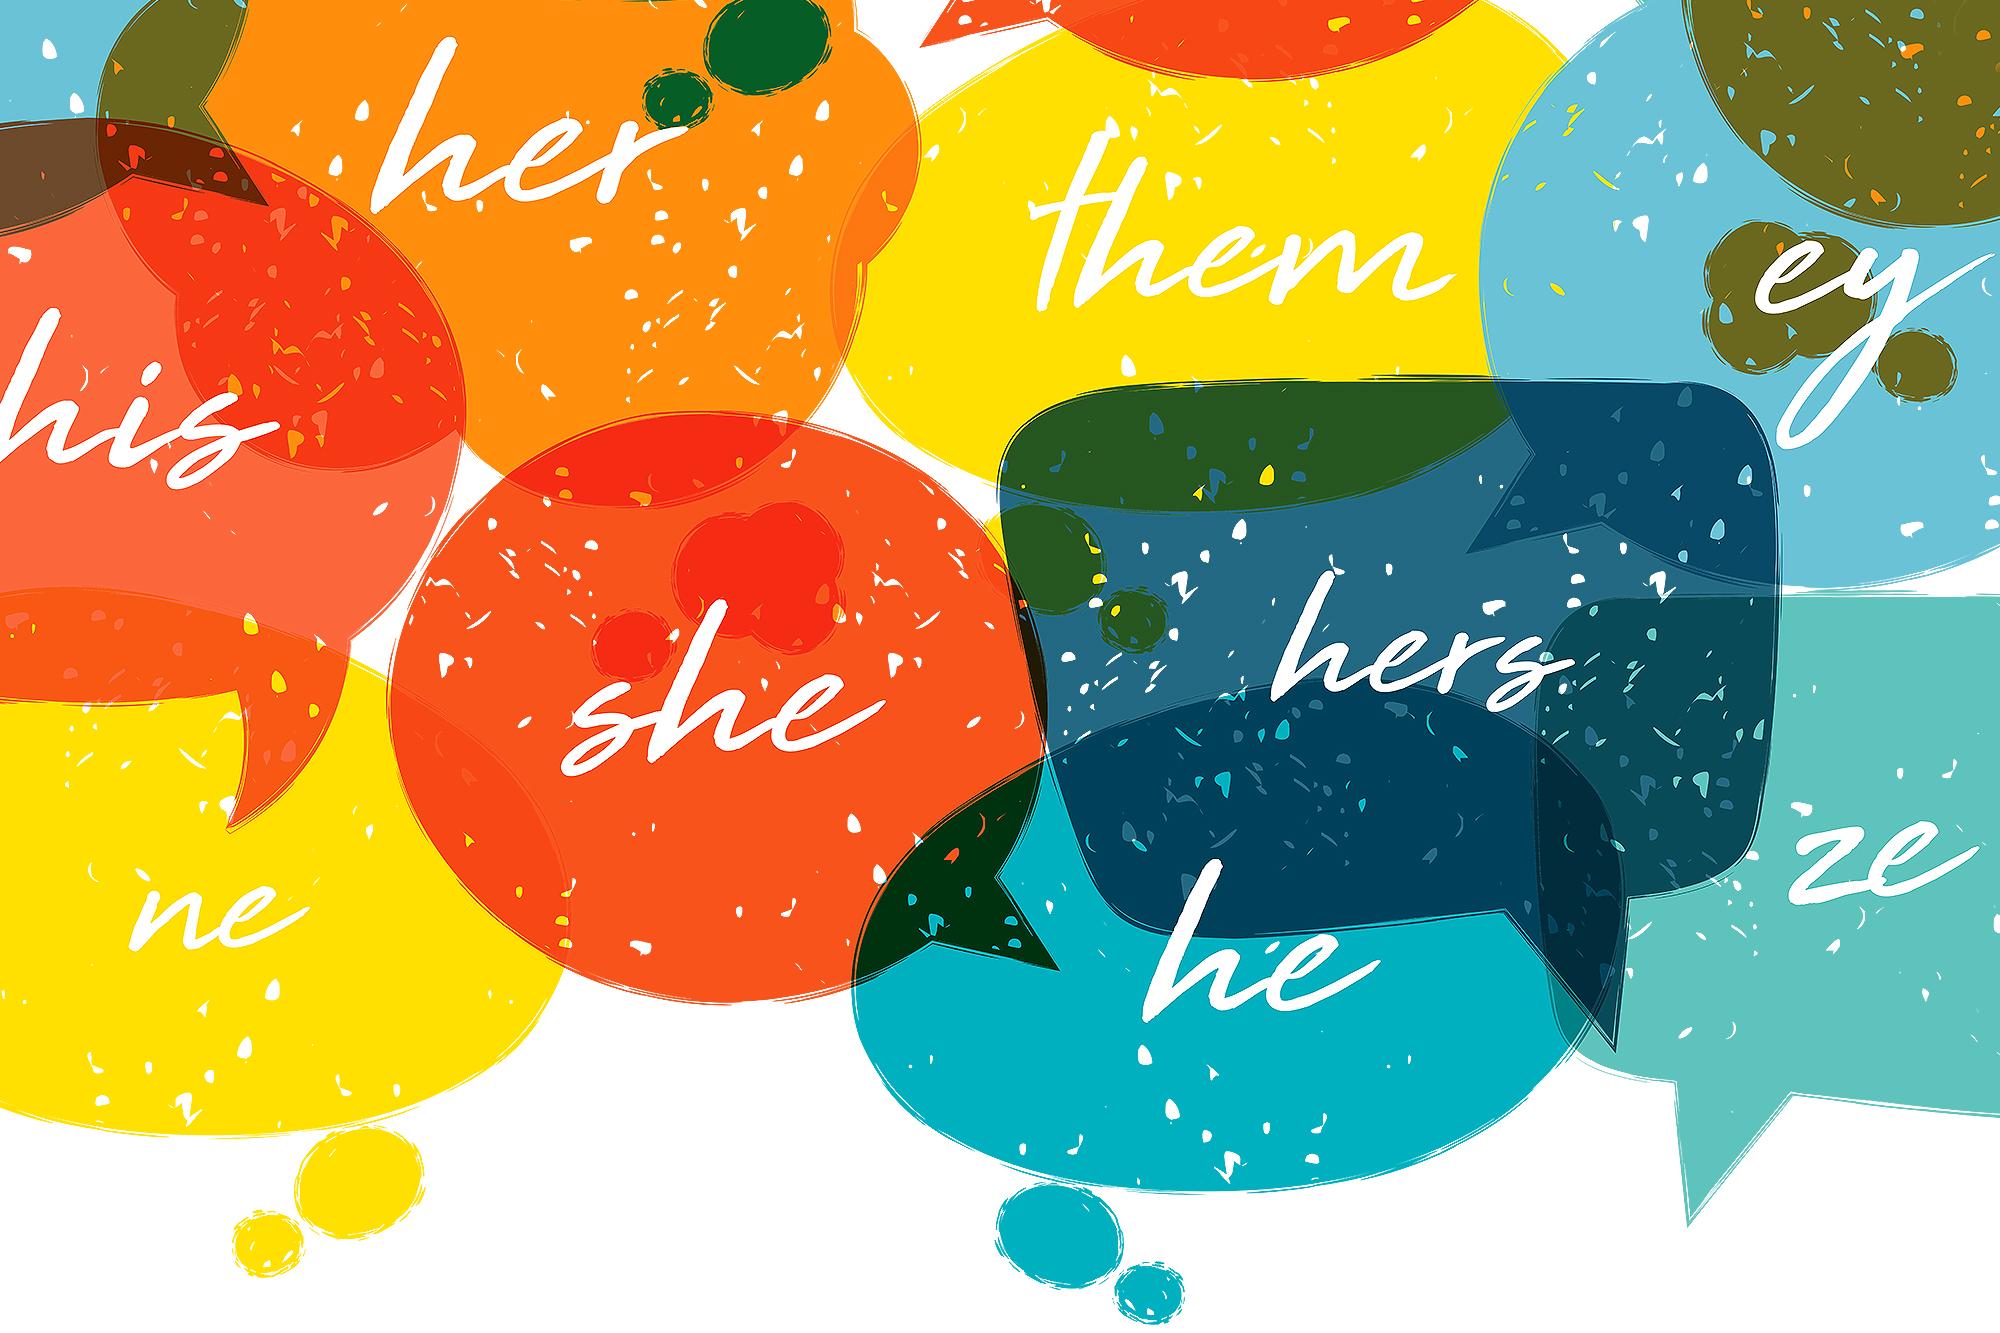 Đại từ nhân xưng - Một loại đại từ trong tiếng Anh